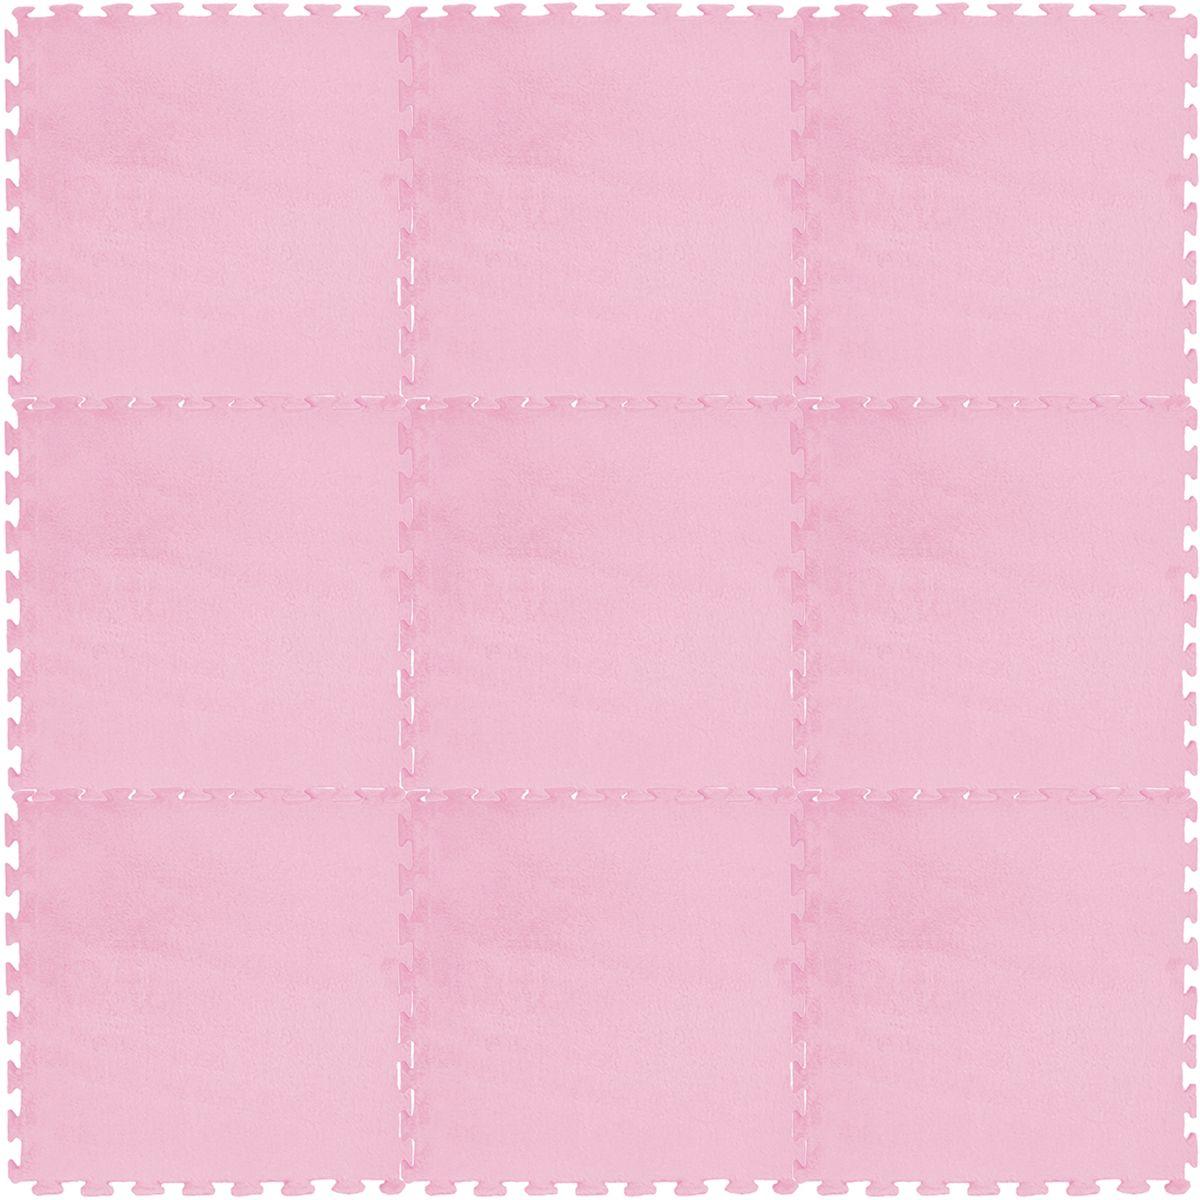 Meitoku Коврик цвет розовый 9 деталей